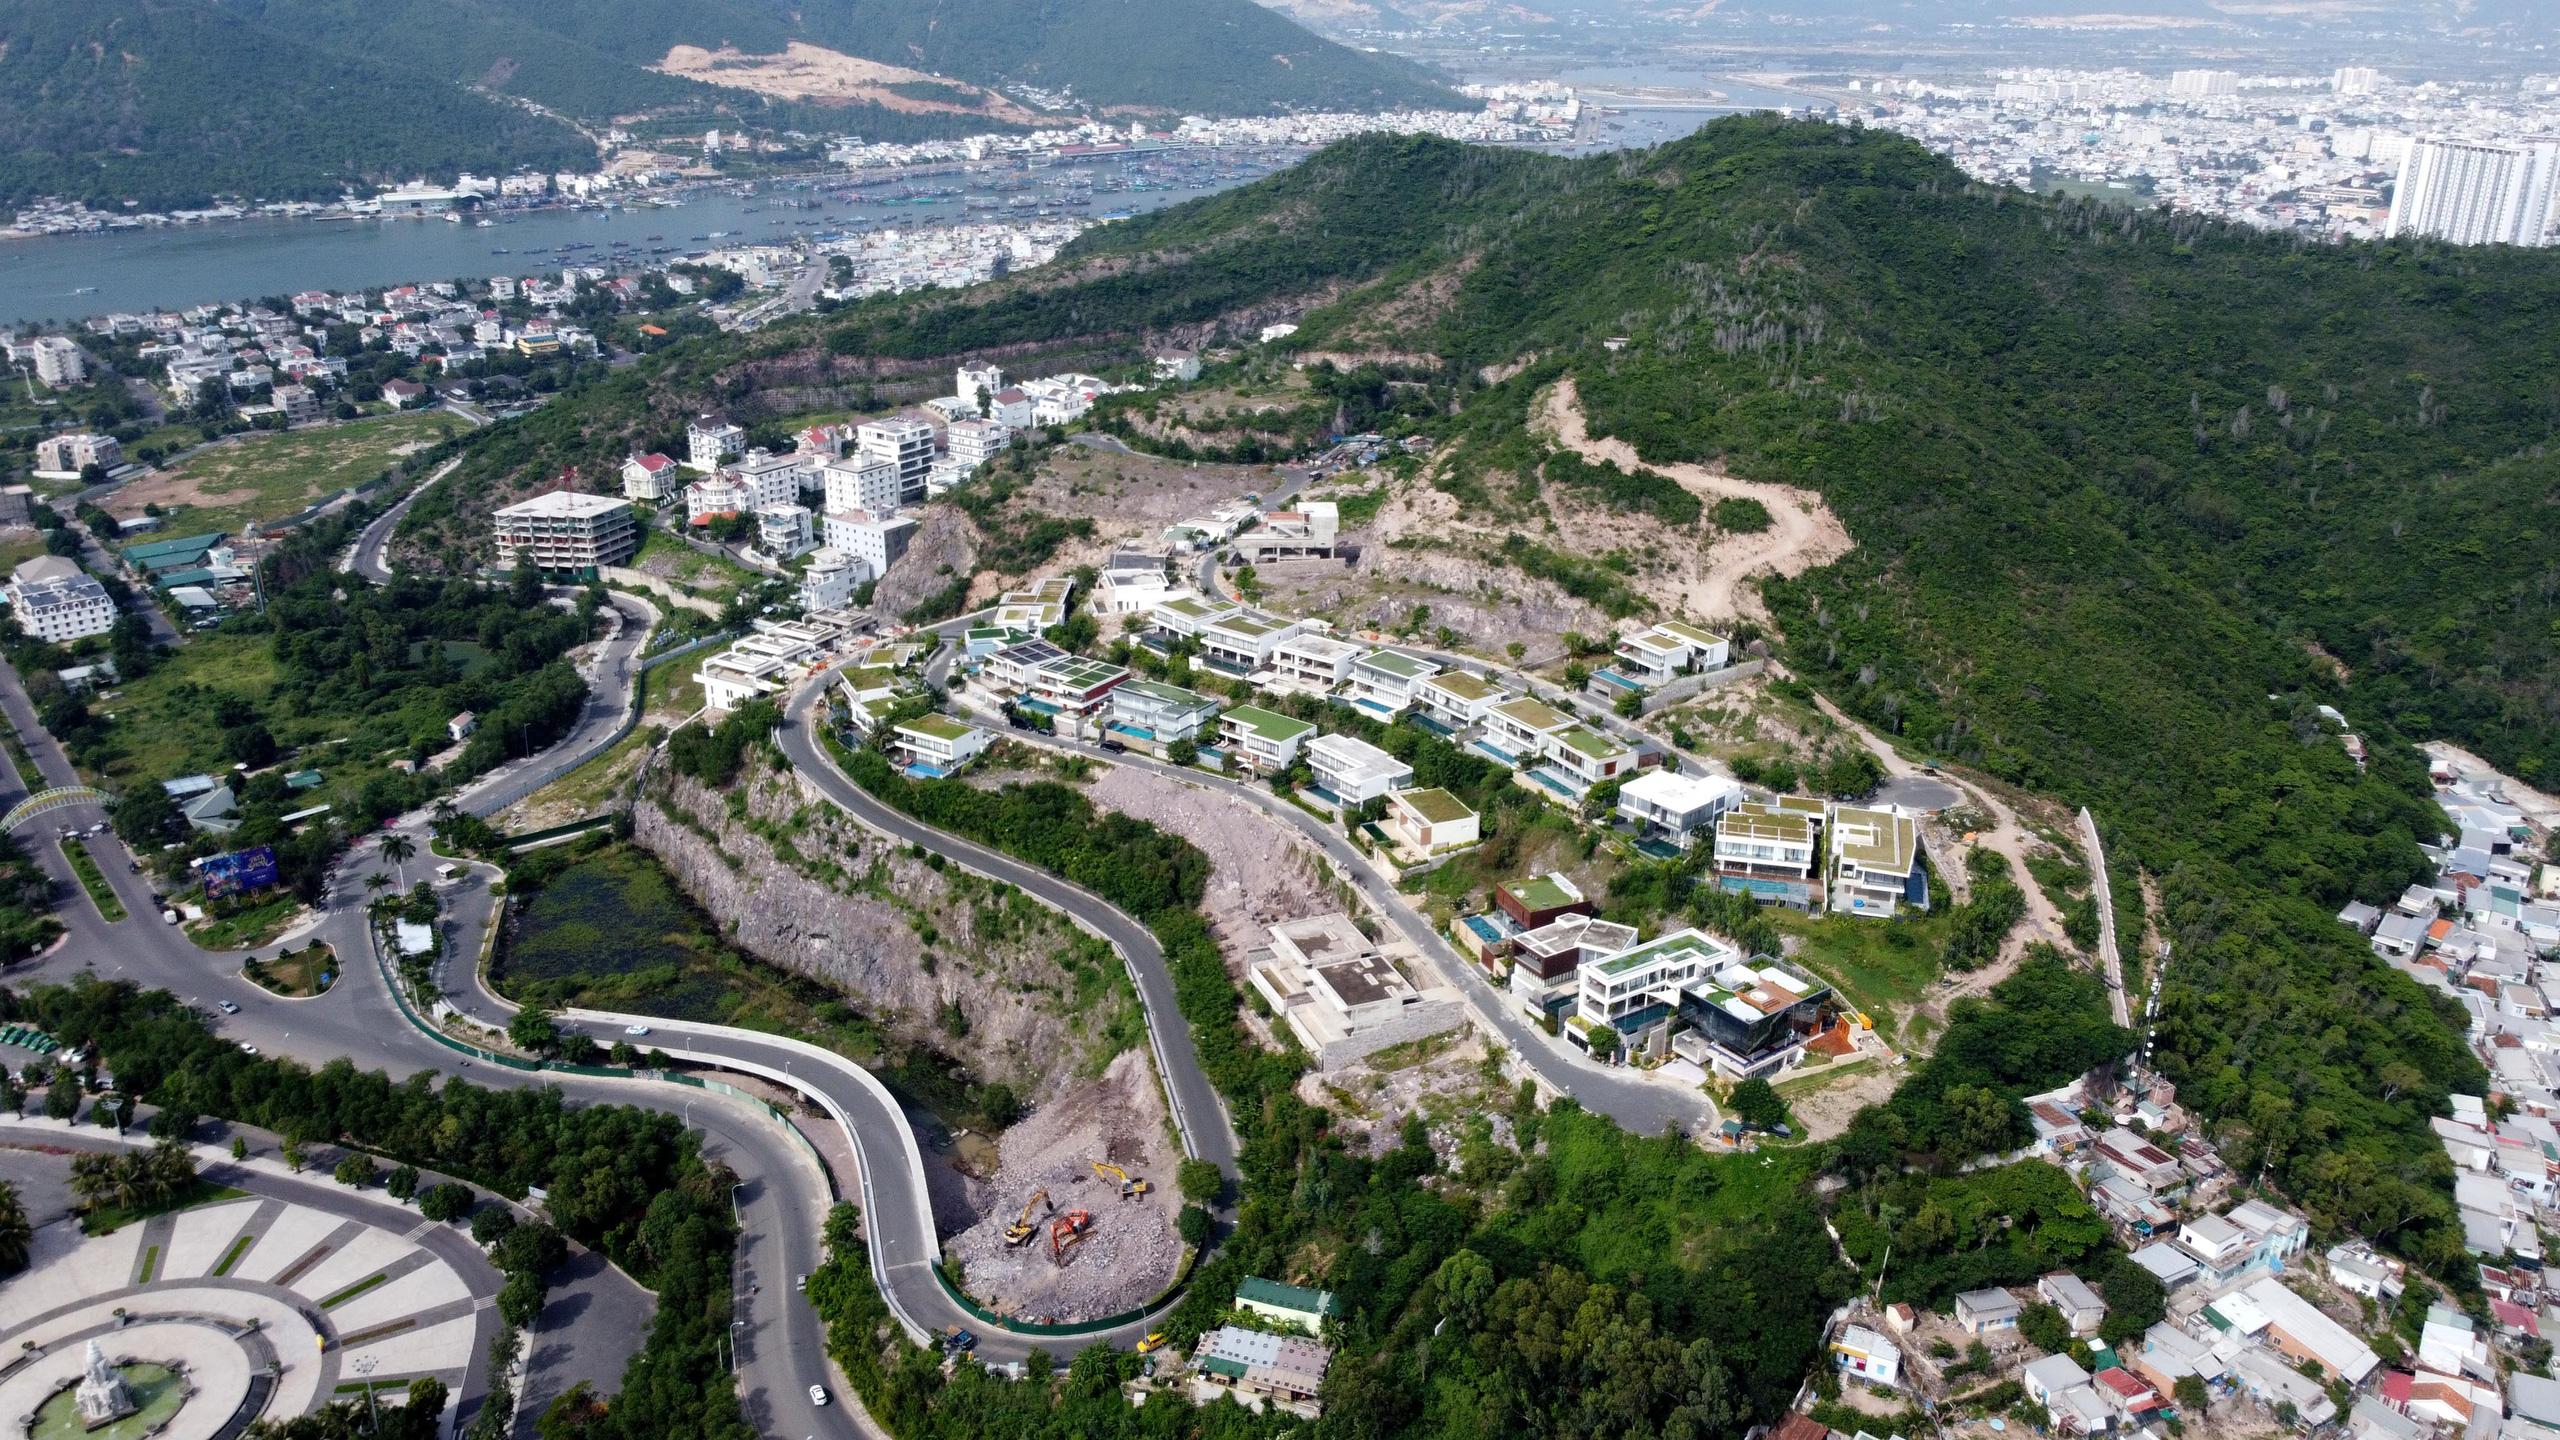 Nha Trang: Xẻ núi xây biệt thự triệu đô - Ảnh 7.